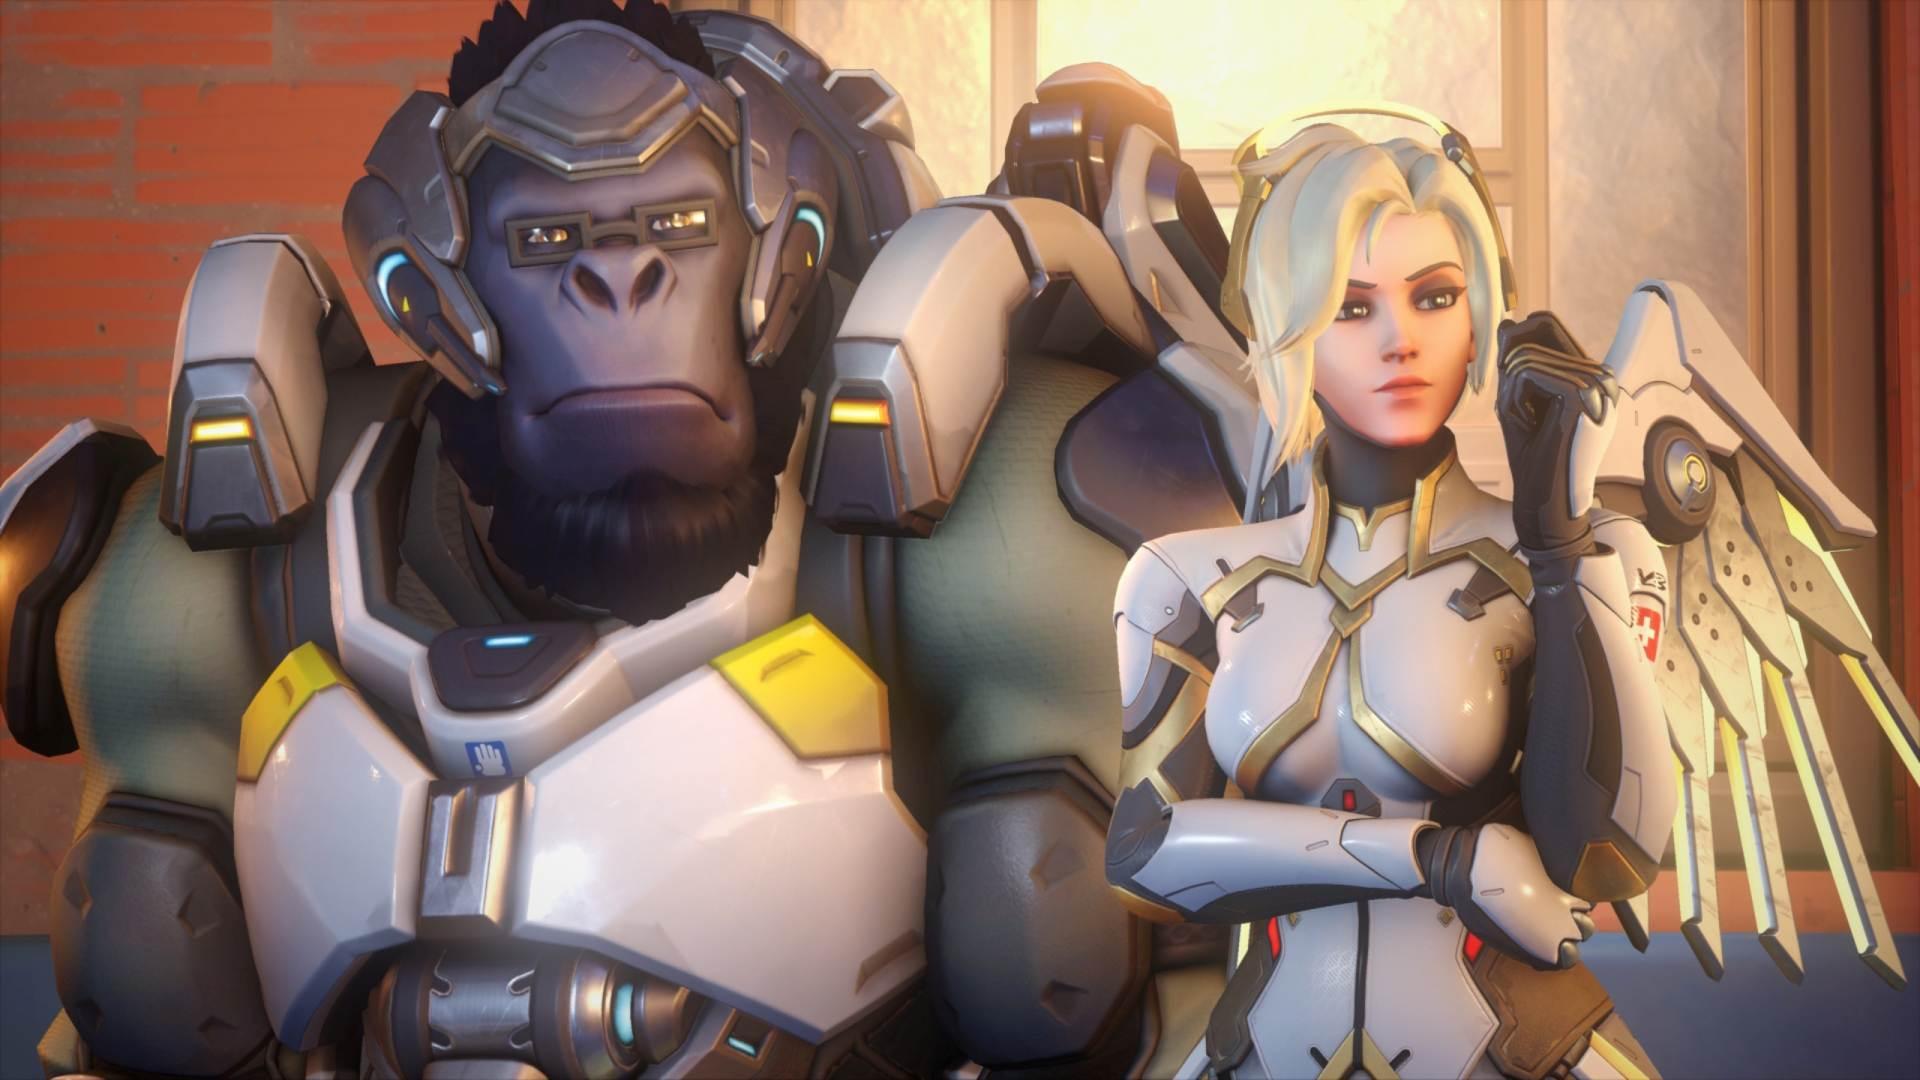 Overwatch director Jeff Kaplan is leaving Blizzard screenshot